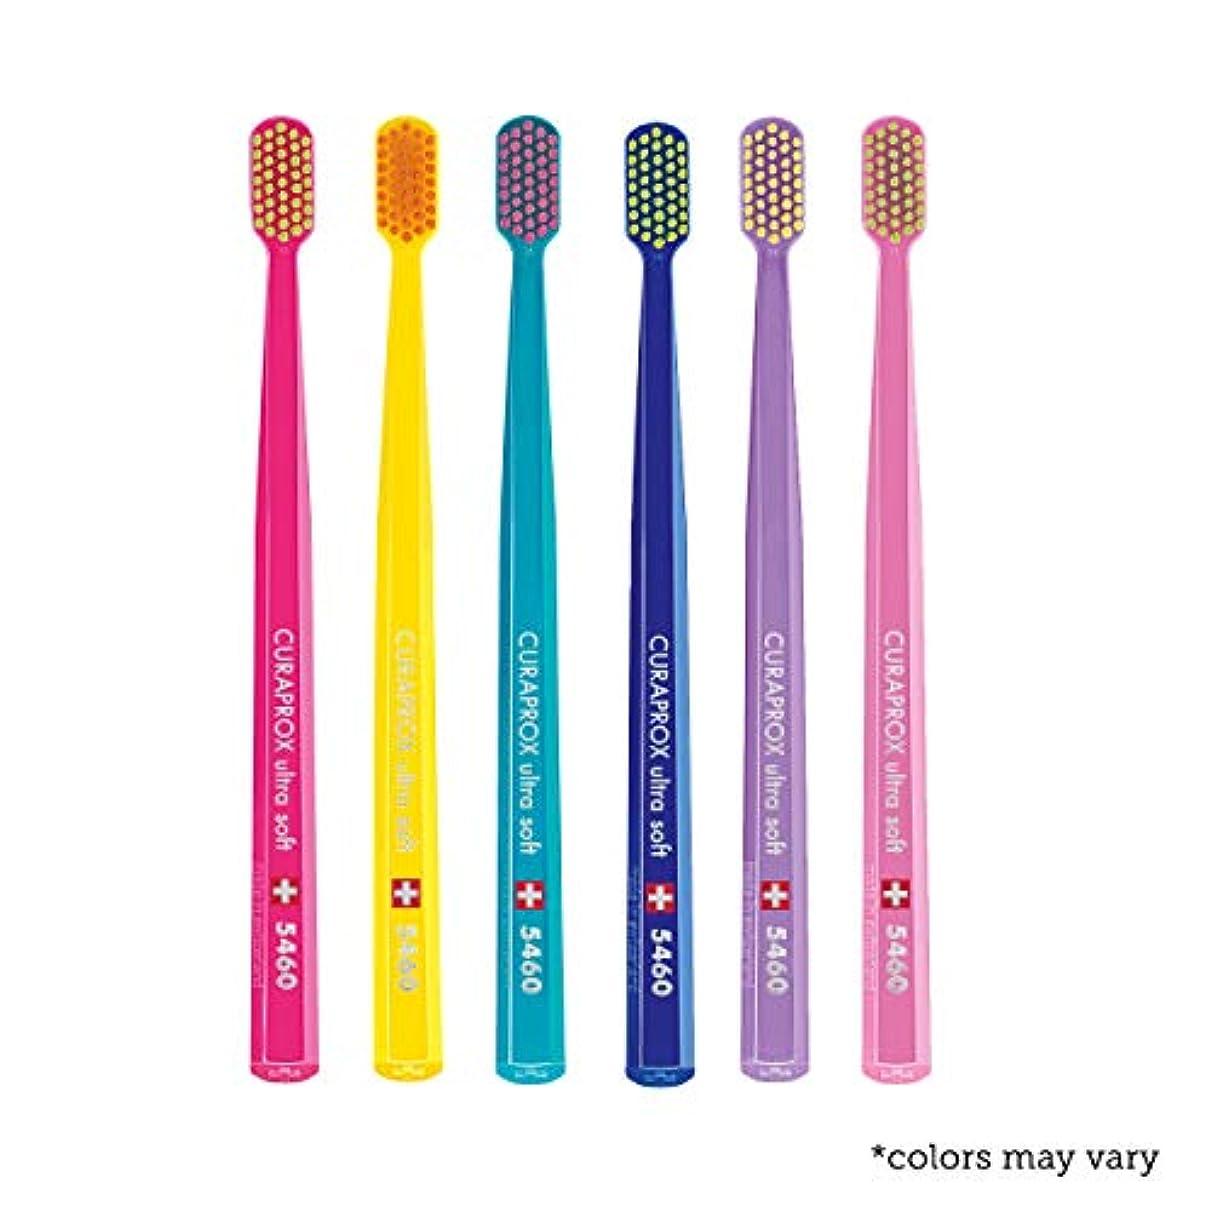 ビュッフェ確かな傘Ultra soft toothbrush, 6 brushes, Curaprox Ultra Soft 5460. Softer feeling & better cleaning, in amazing vivid...